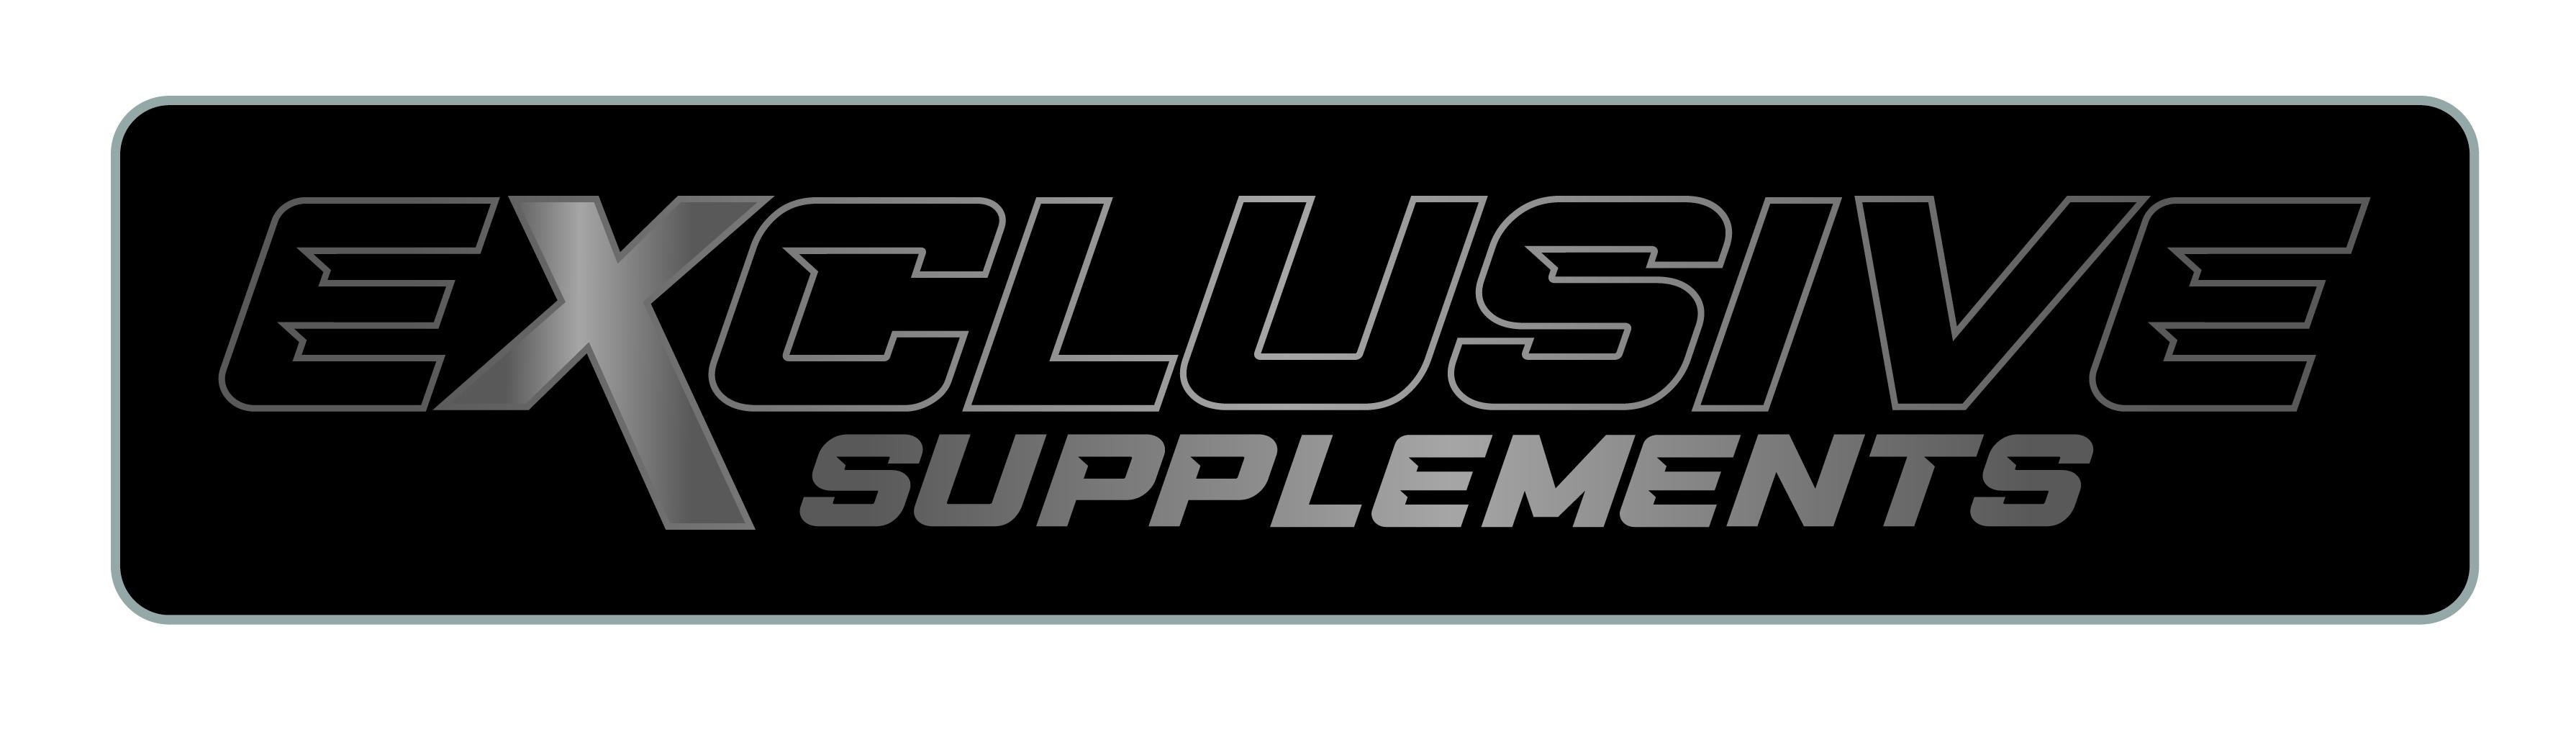 Exclusive Supplements